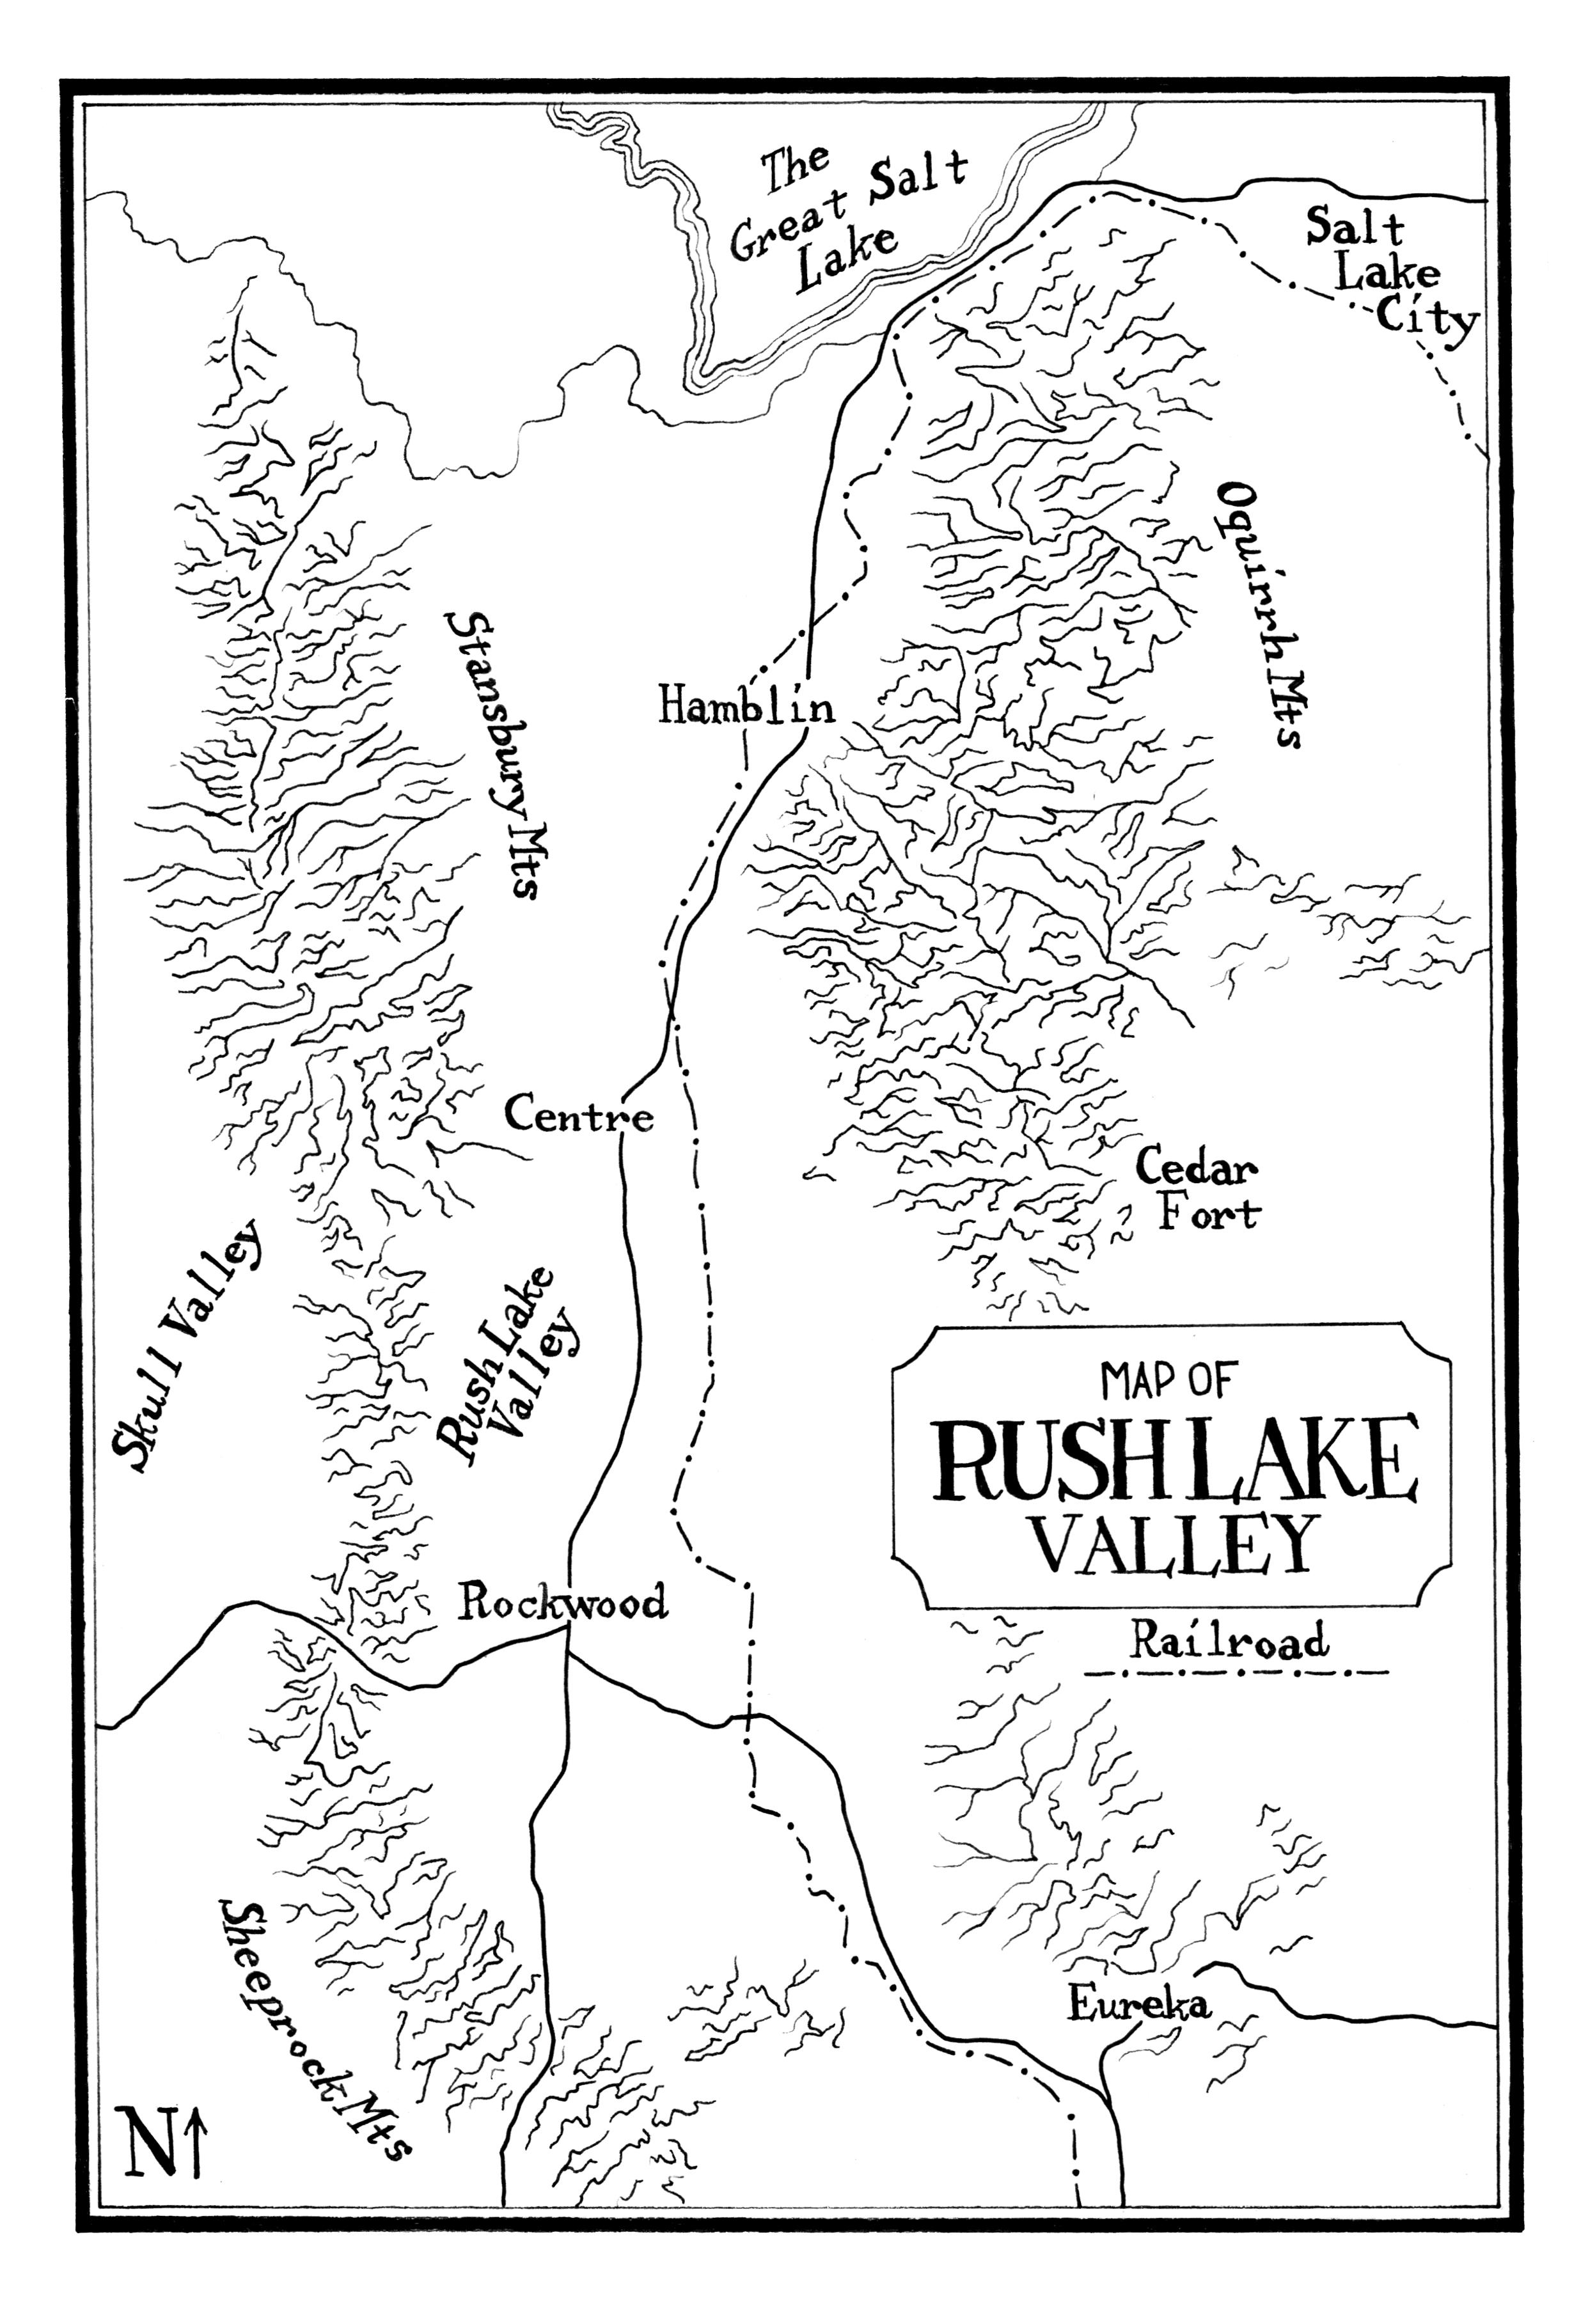 mapofrushlakevalley.jpg